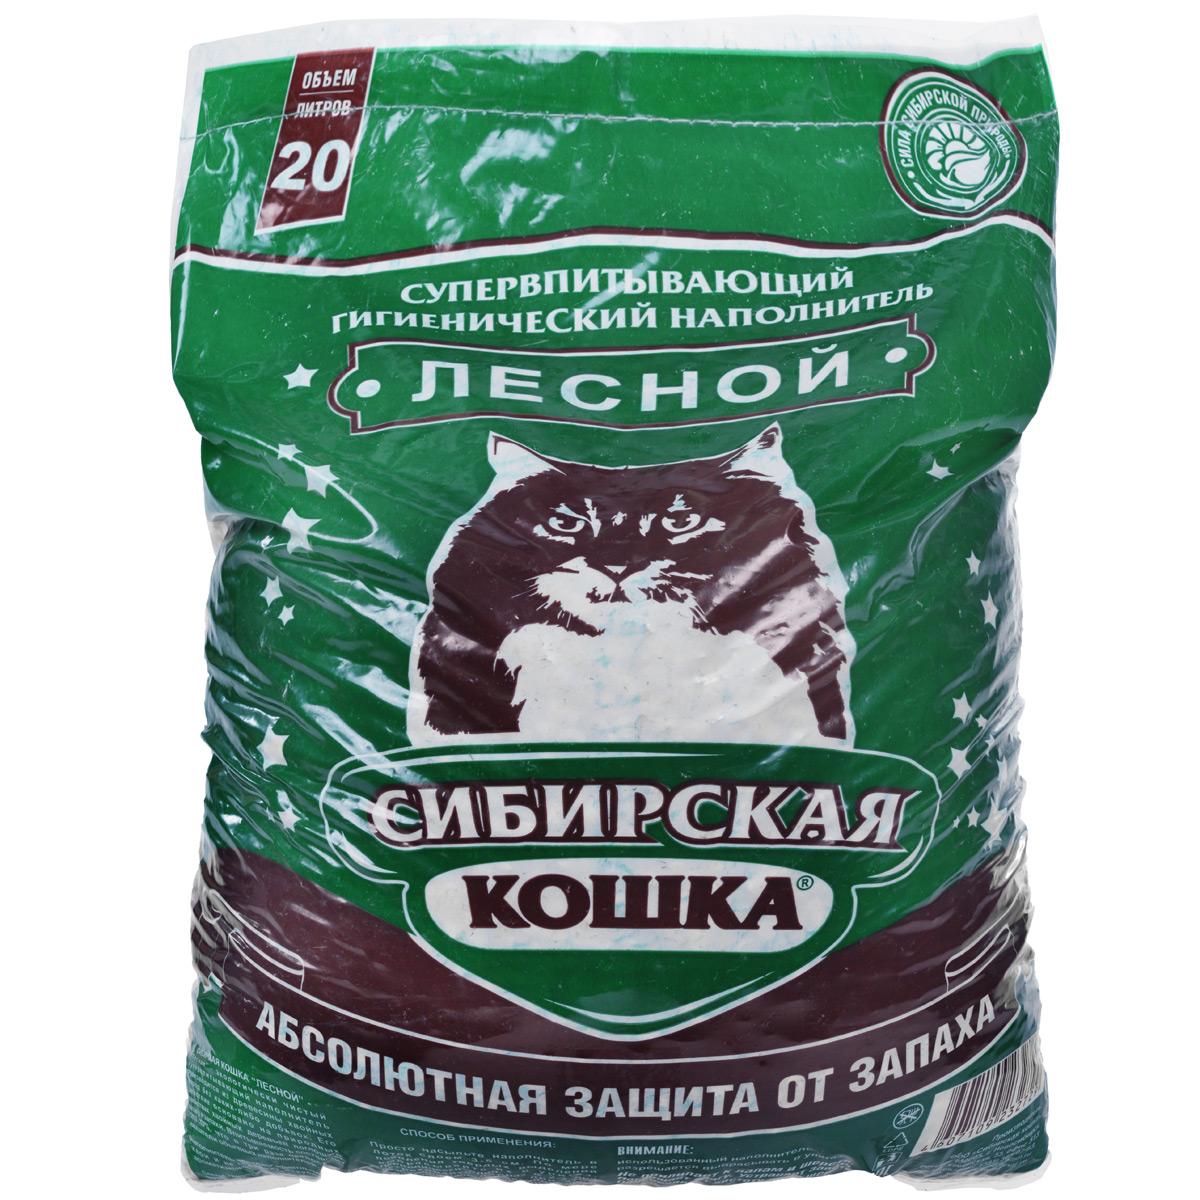 Наполнитель для кошачьих туалетов Сибирская Кошка Лесной, древесный, 20 л наполнитель для кошачьих туалетов кошкин секрет древесный 2 5 кг